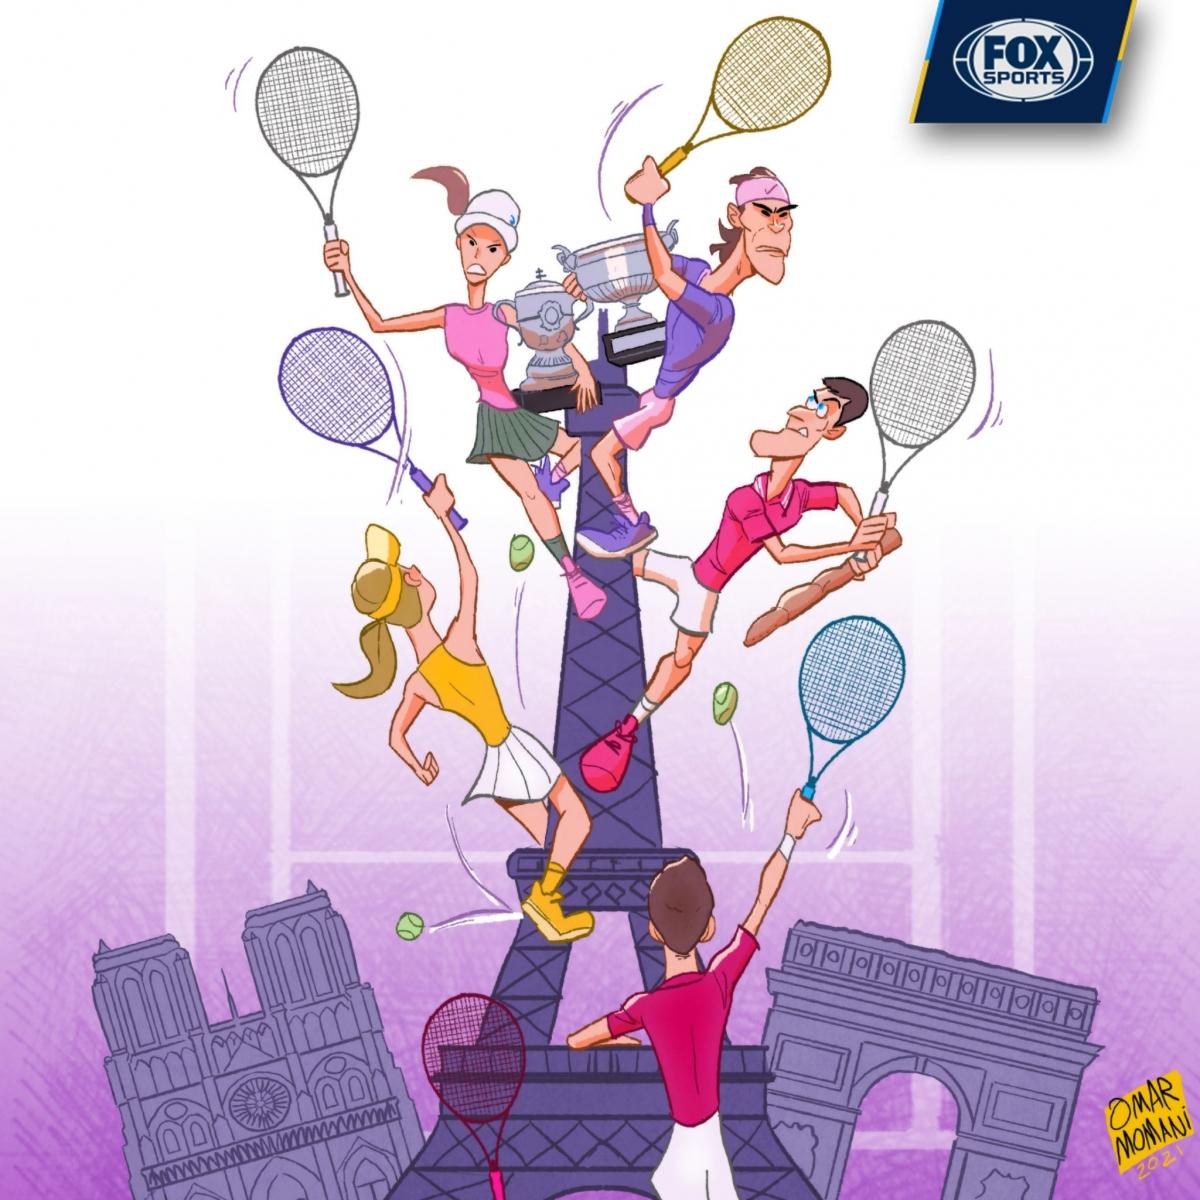 Giải quần vợt Roland Garros đang diễn ra rất hấp dẫn ở Paris (Pháp). (Ảnh: Omar Momani).